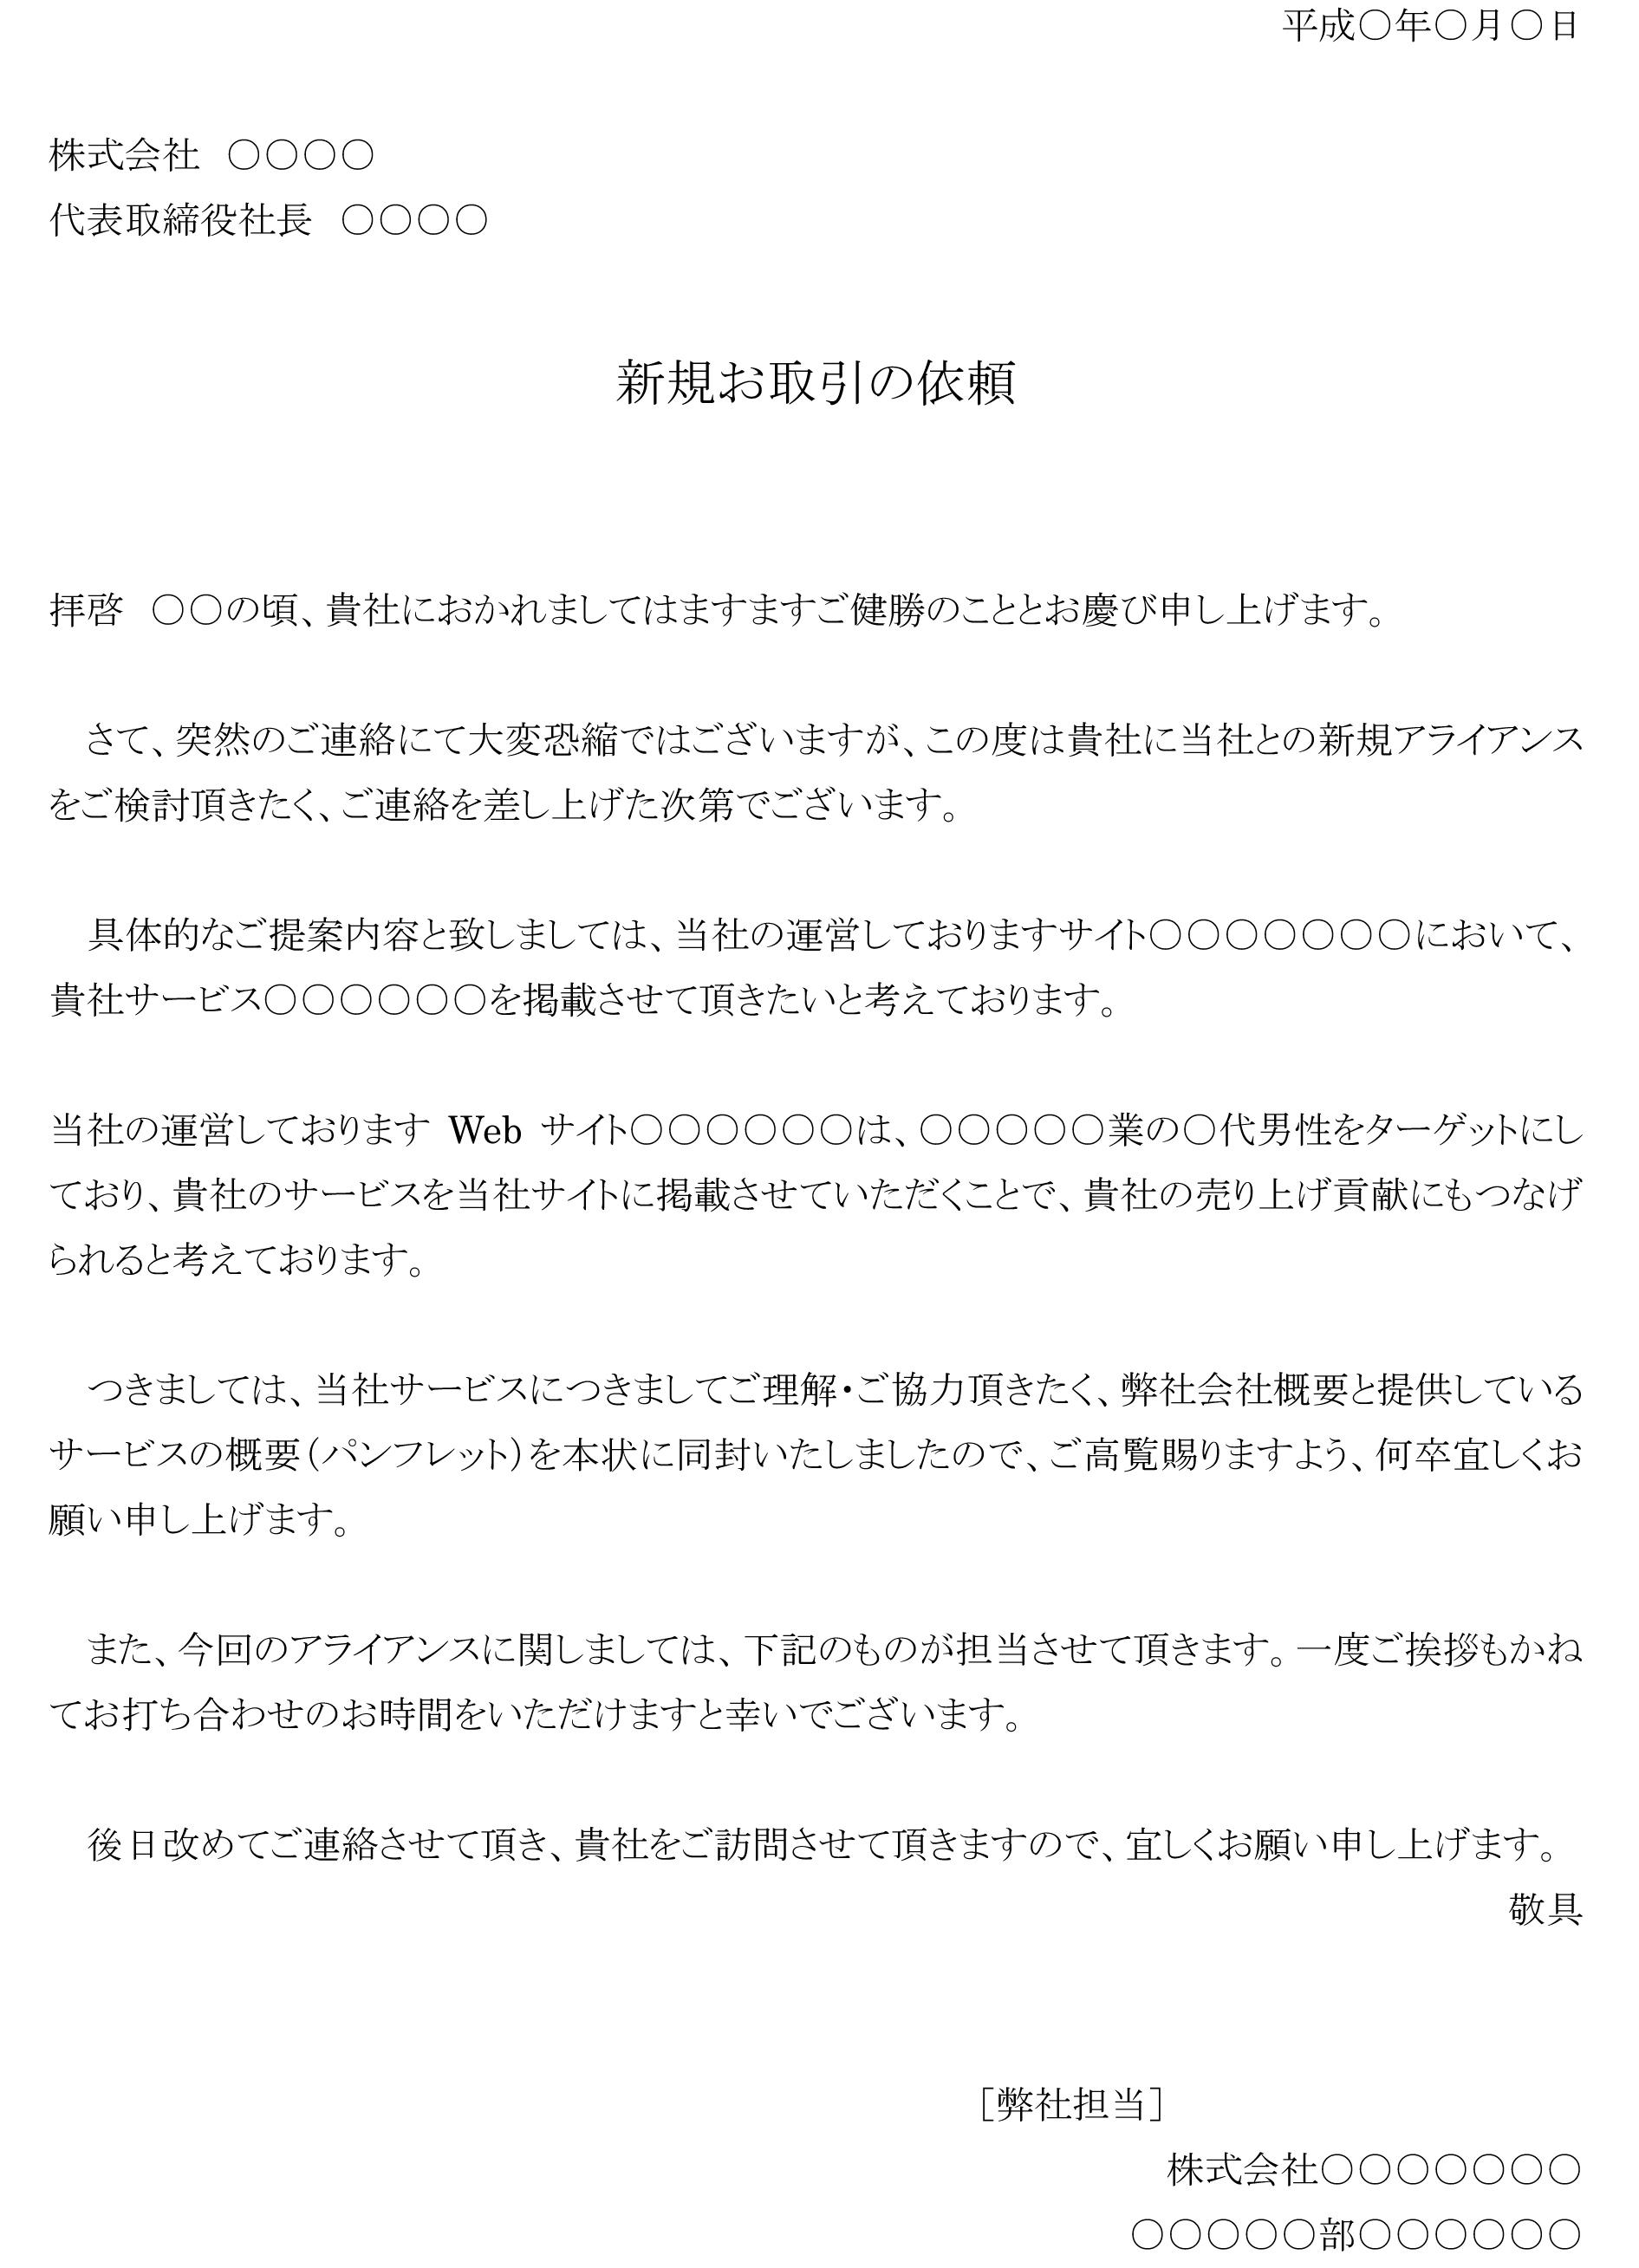 依頼状(新規取引・アライアンス)